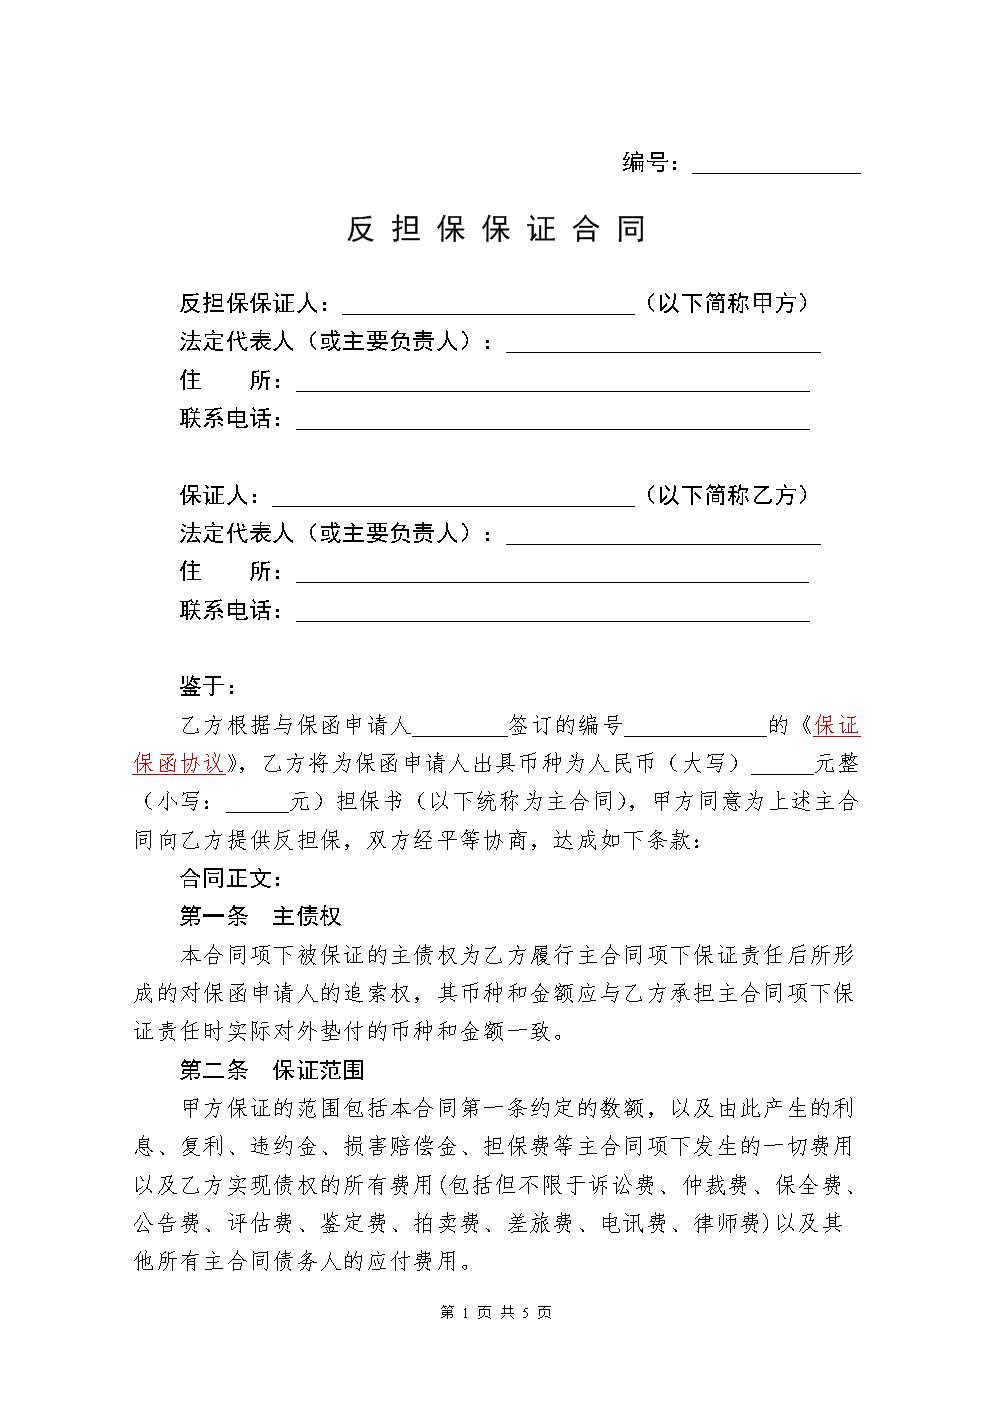 【1-45】反担保保证合同-4 -.doc